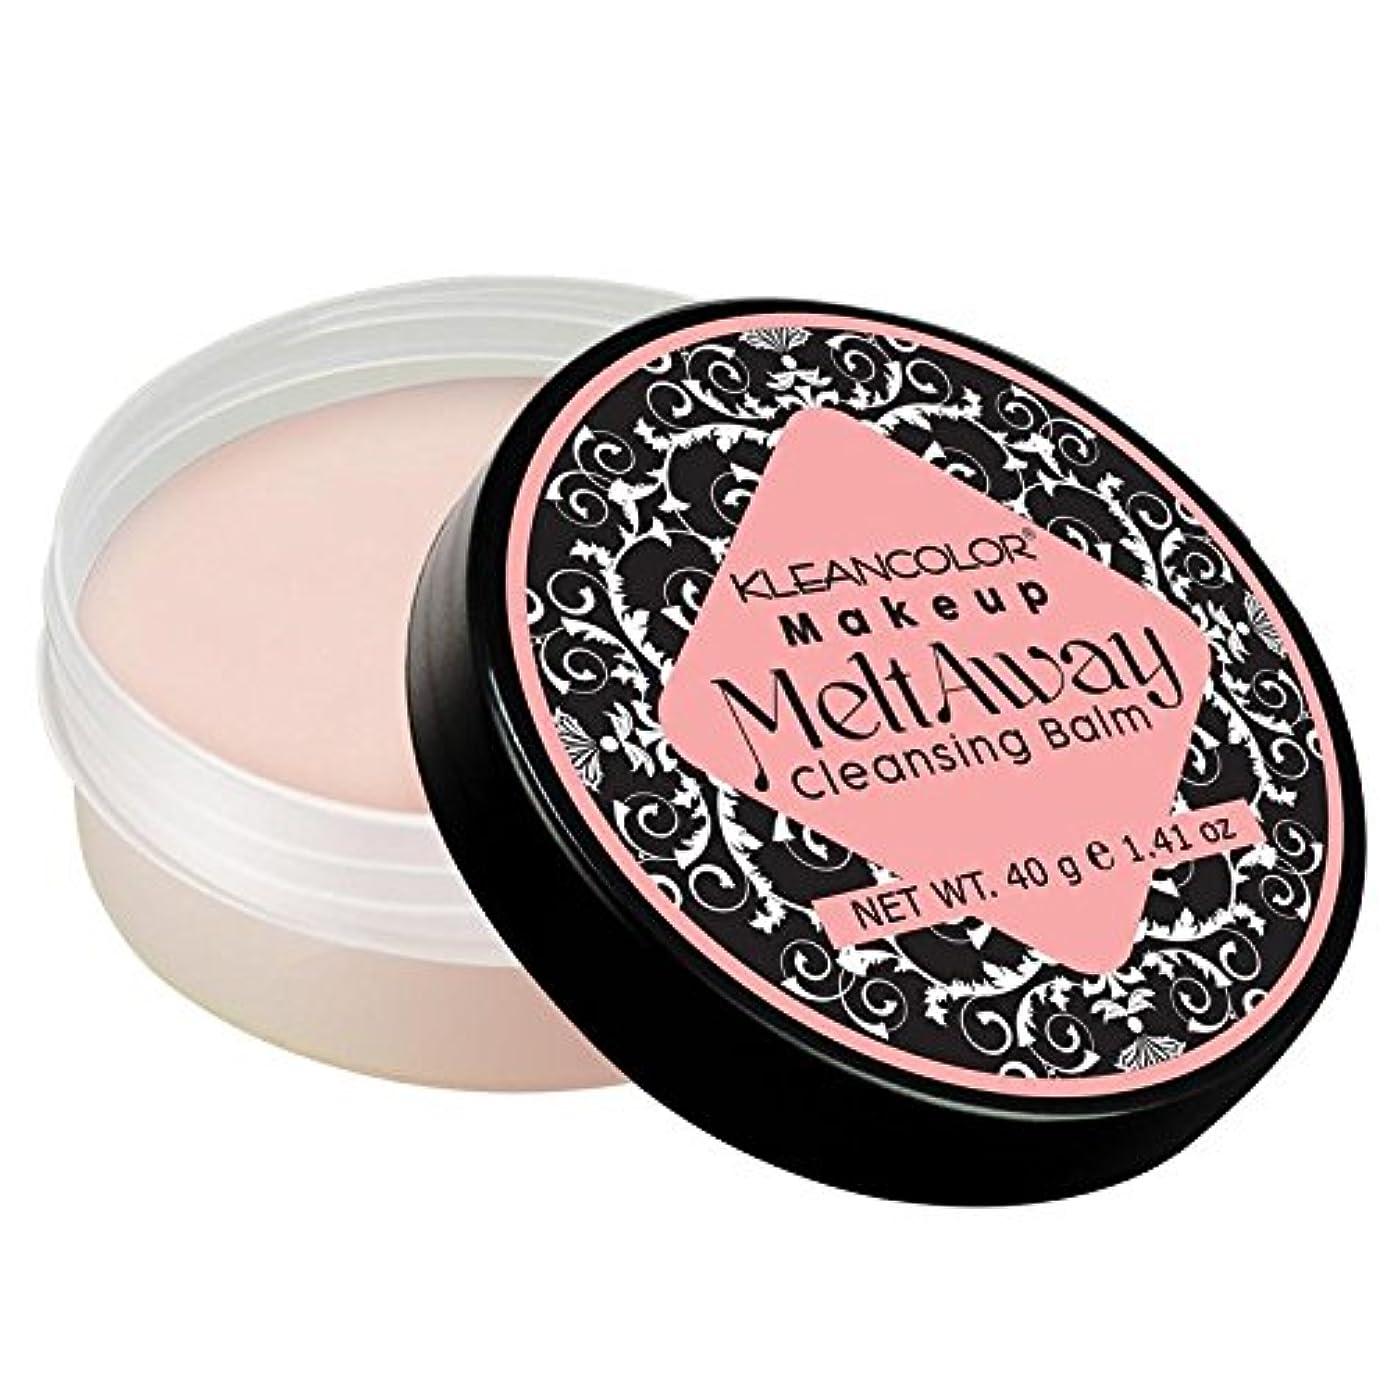 パンチオセアニア見落とす(3 Pack) KLEANCOLOR Makeup Meltaway Cleansing Balm (並行輸入品)